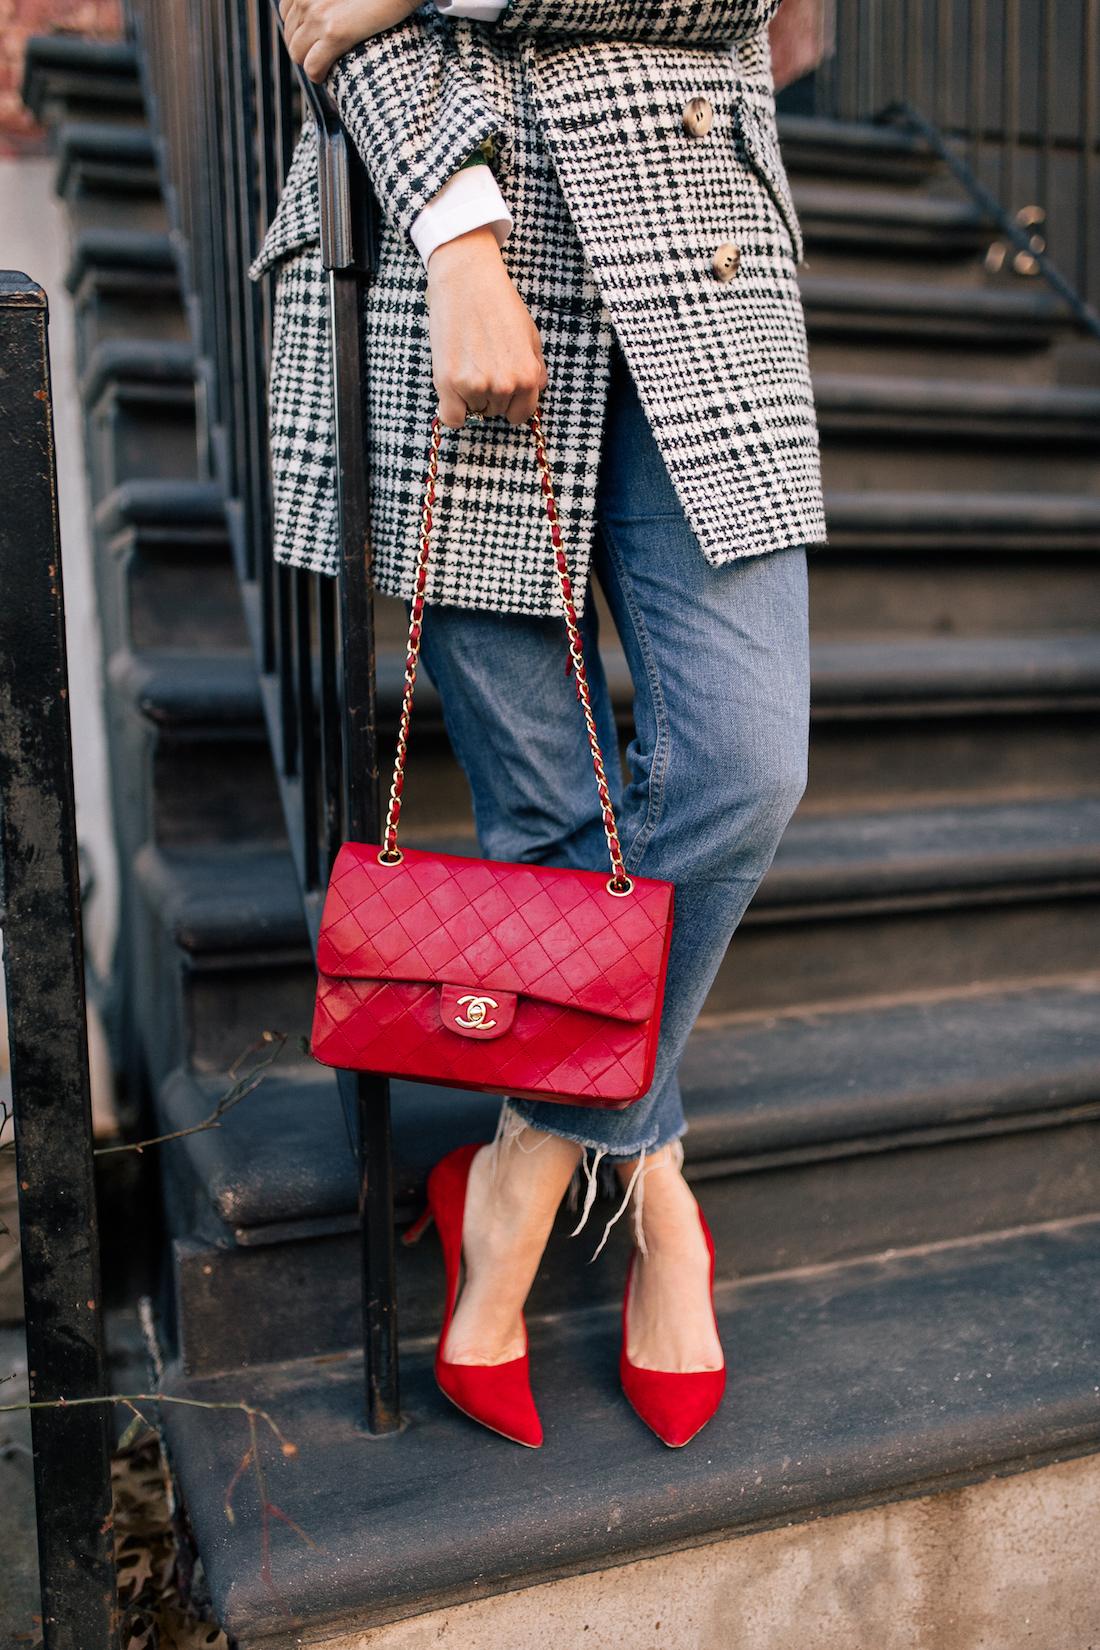 Grace Atwood Outfit Details:Topshop Coat // Re/Done Denim // Manolo Blahnik Pumps // Vintage Chanel Purse